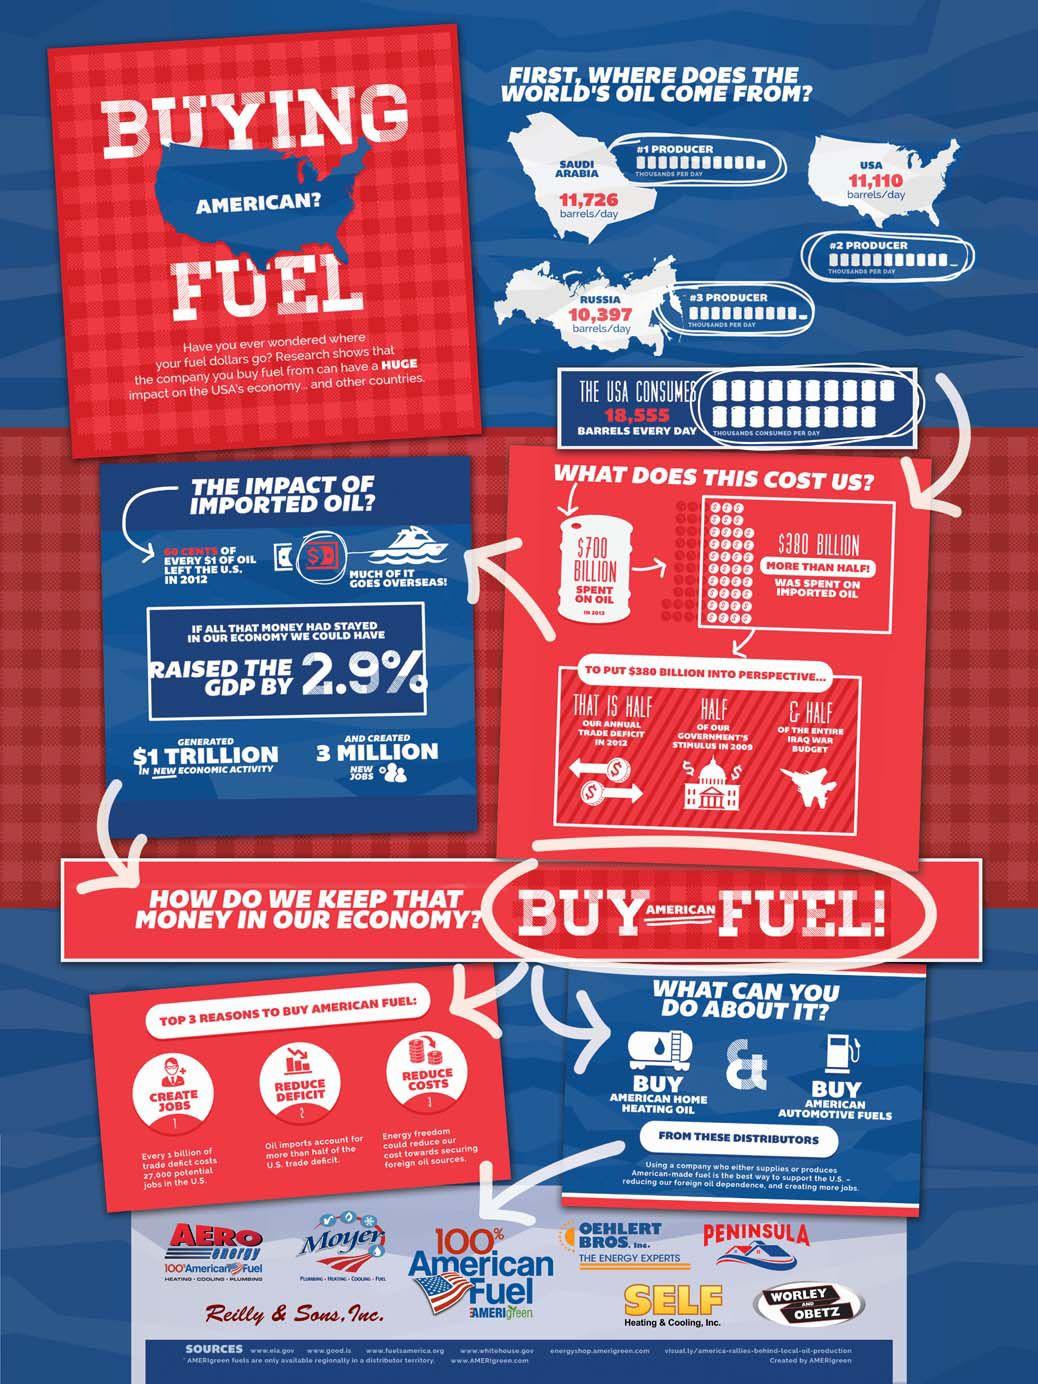 Buy American Fuel!